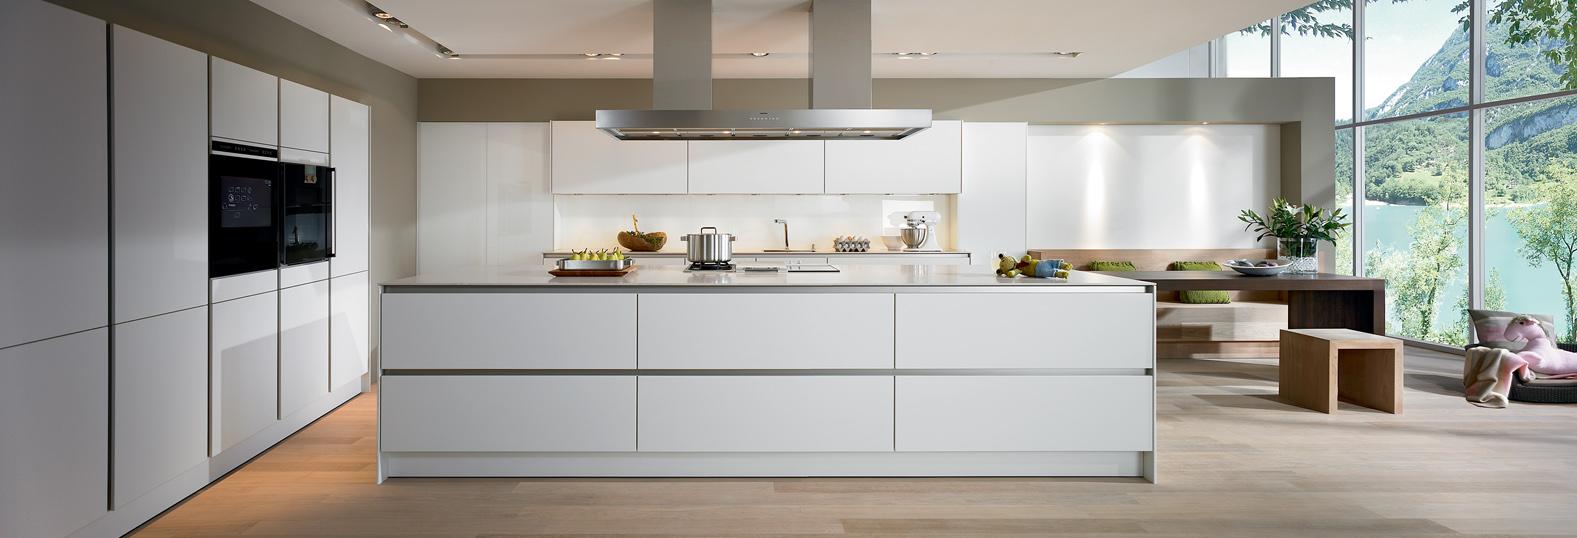 Nieuwe Keuken Kopen Tips : Tips bij het kopen van een nieuwe keuken – Voorlichtingsburo Wonen